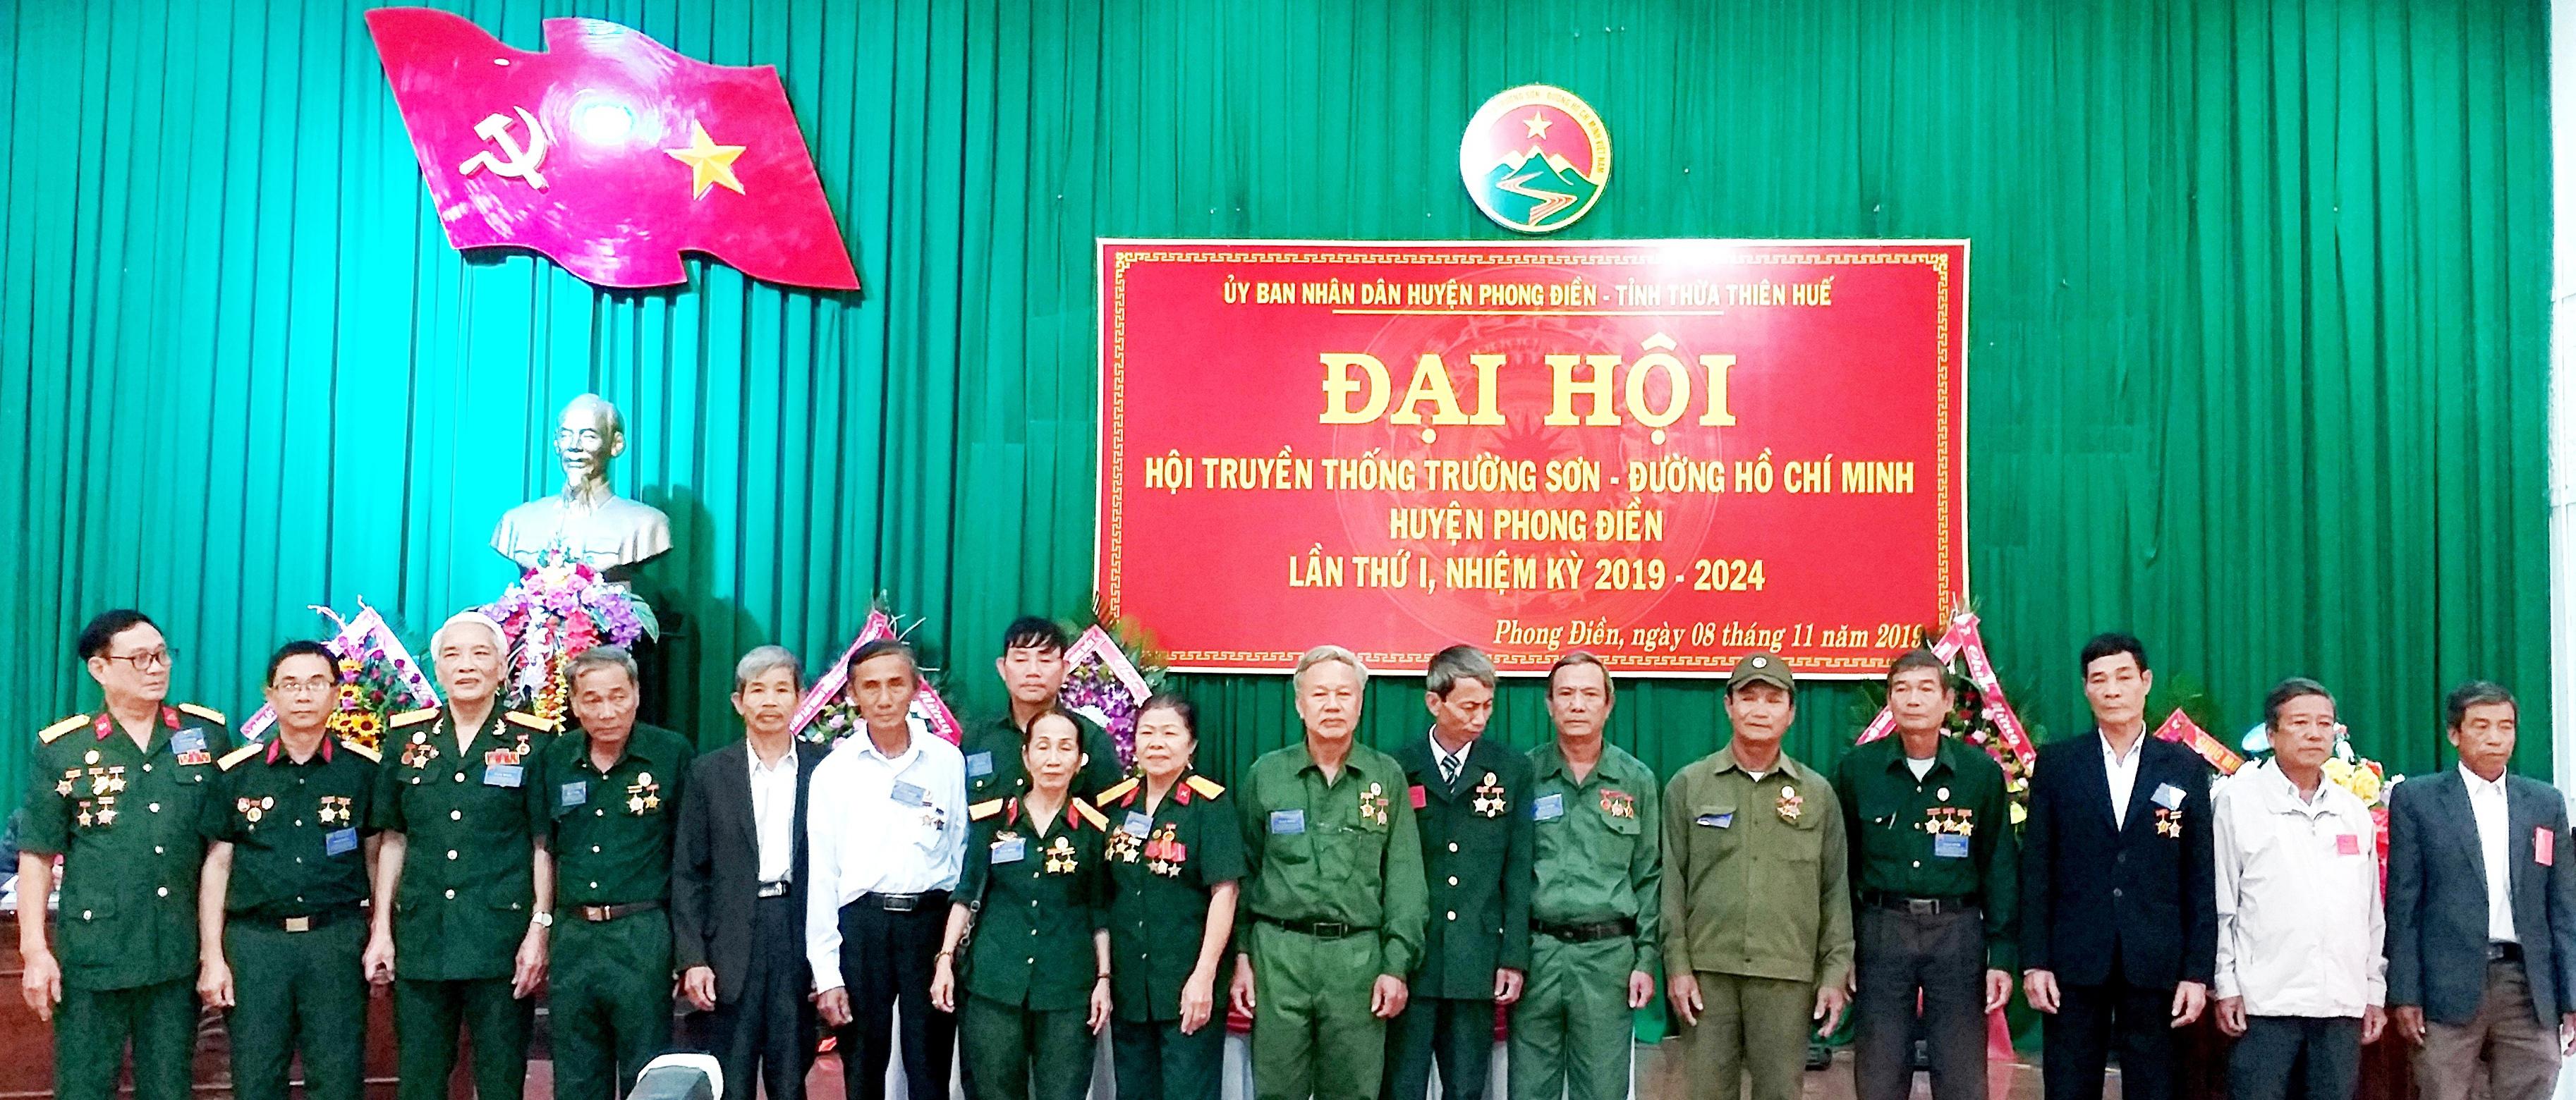 Đại hội thành lập Hội Trường Sơn huyện Phong Điền tỉnh Thừa Thiên Huế